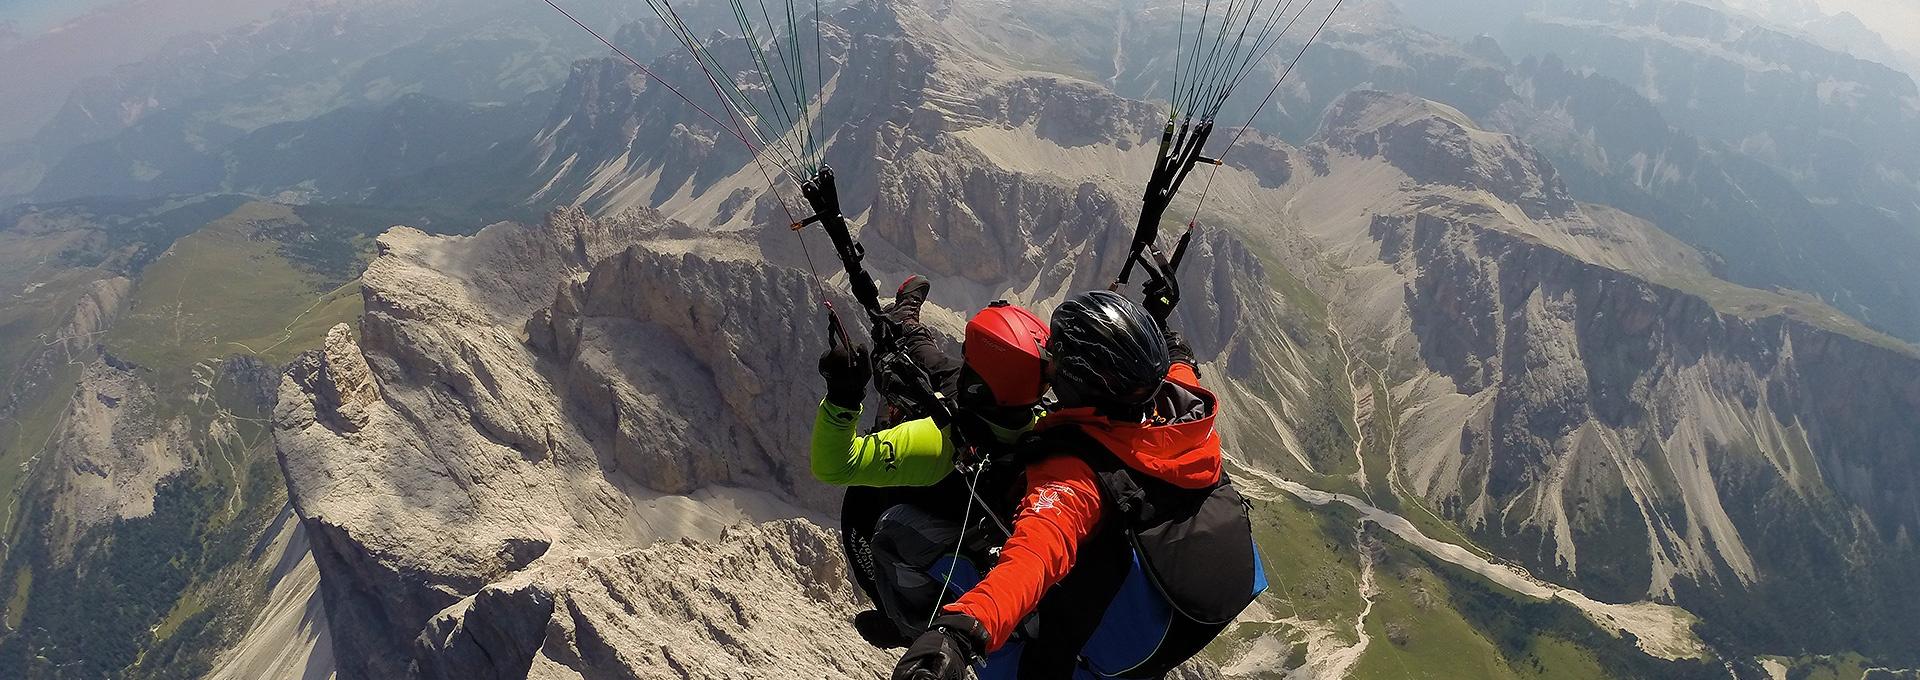 Paragliding Tandem Dolomites